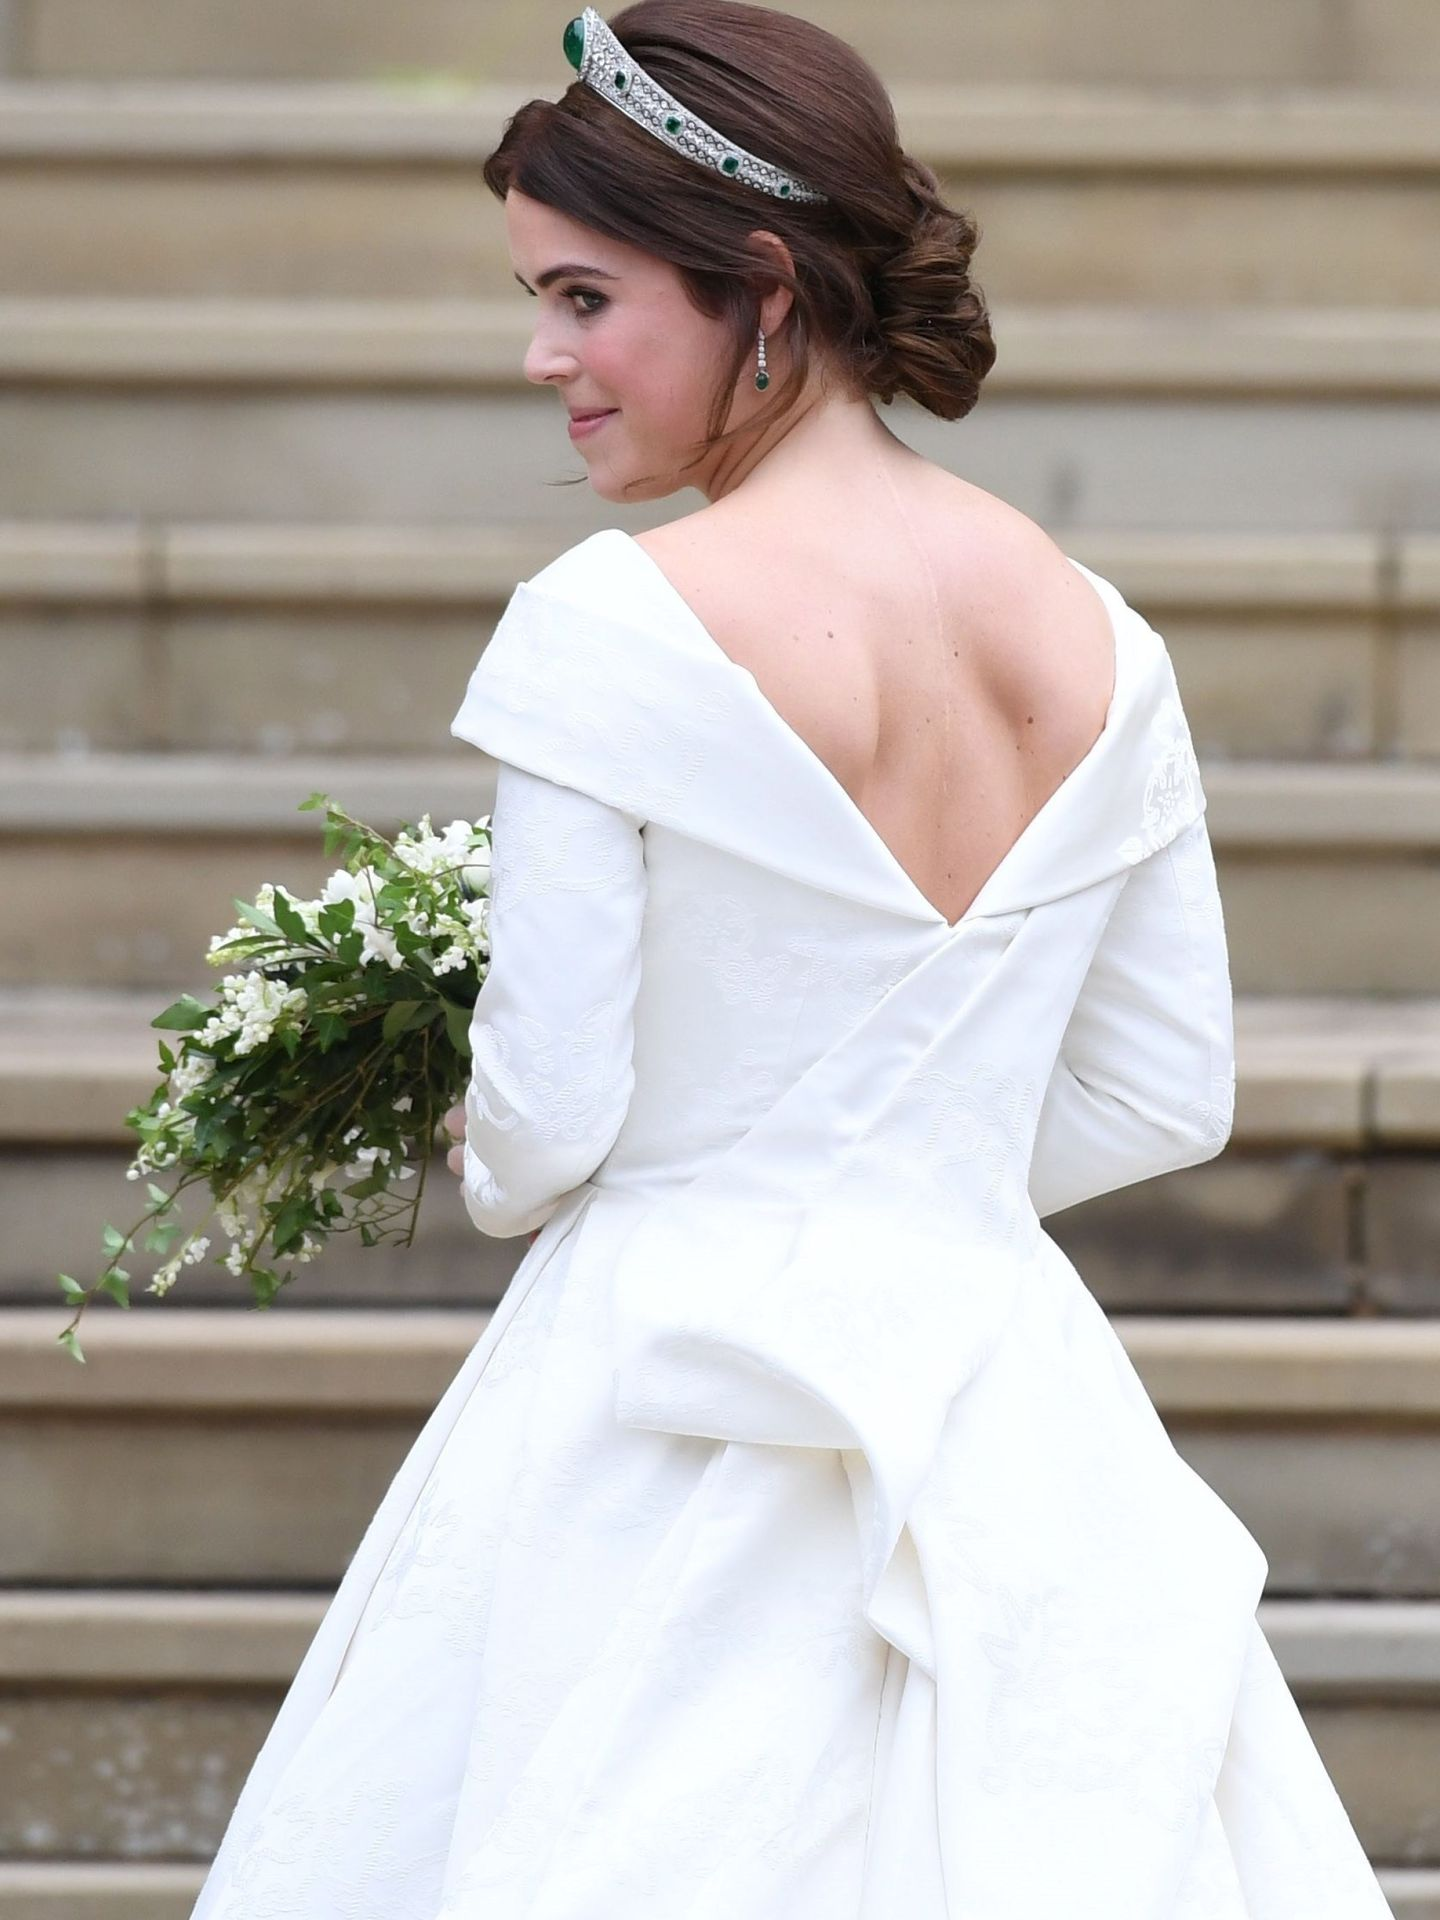 La princesa Eugenia se casó el pasado octubre. (EFE)